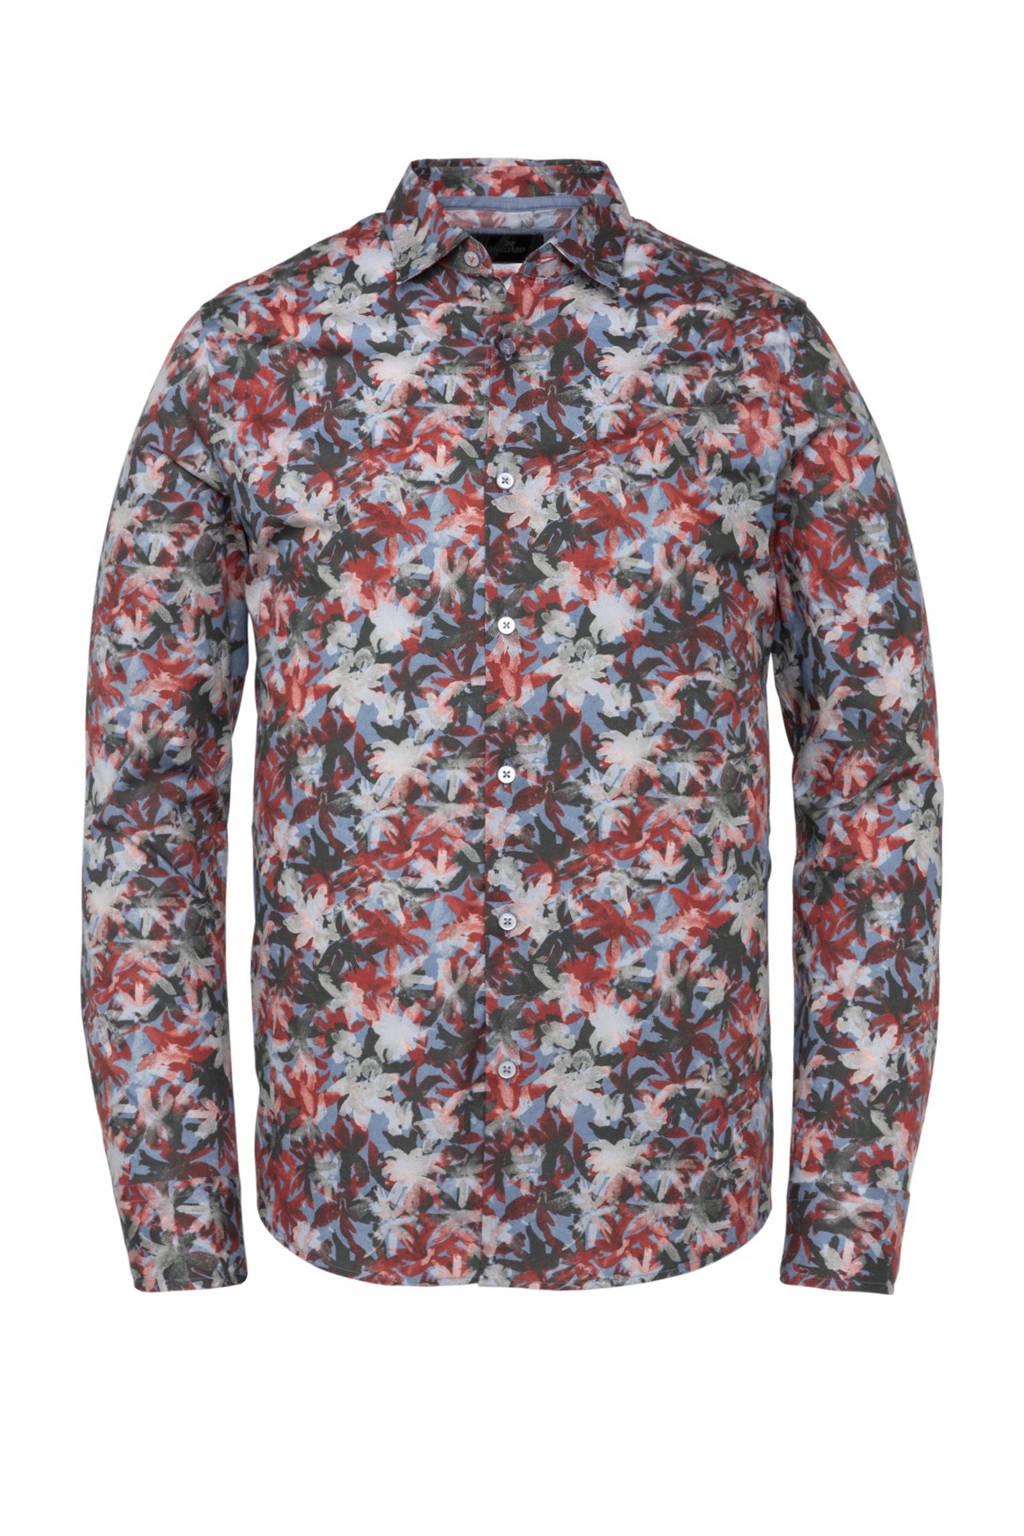 Vanguard regular fit overhemd met all over print lichtblauw/rood/kaki, Lichtblauw/rood/kaki